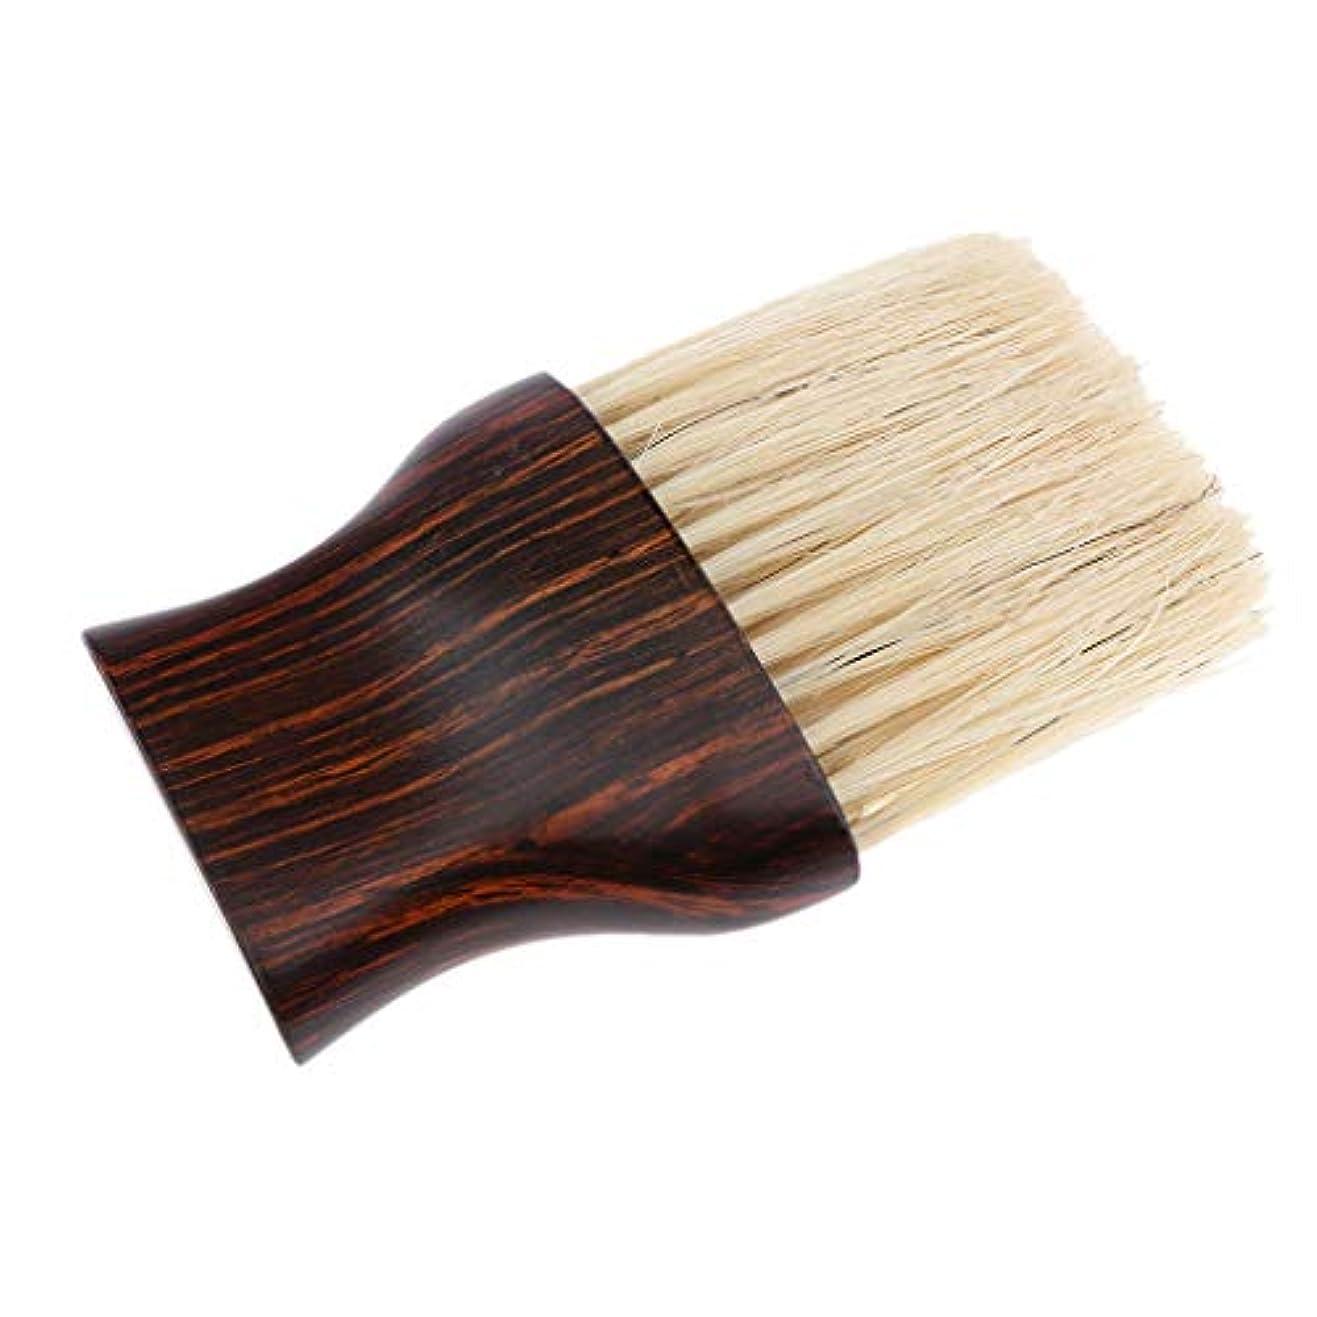 土節約適用する理髪 ネック フェイス ダスターブラシ ヘアカット ヘアブラシ プロ ヘアサロン